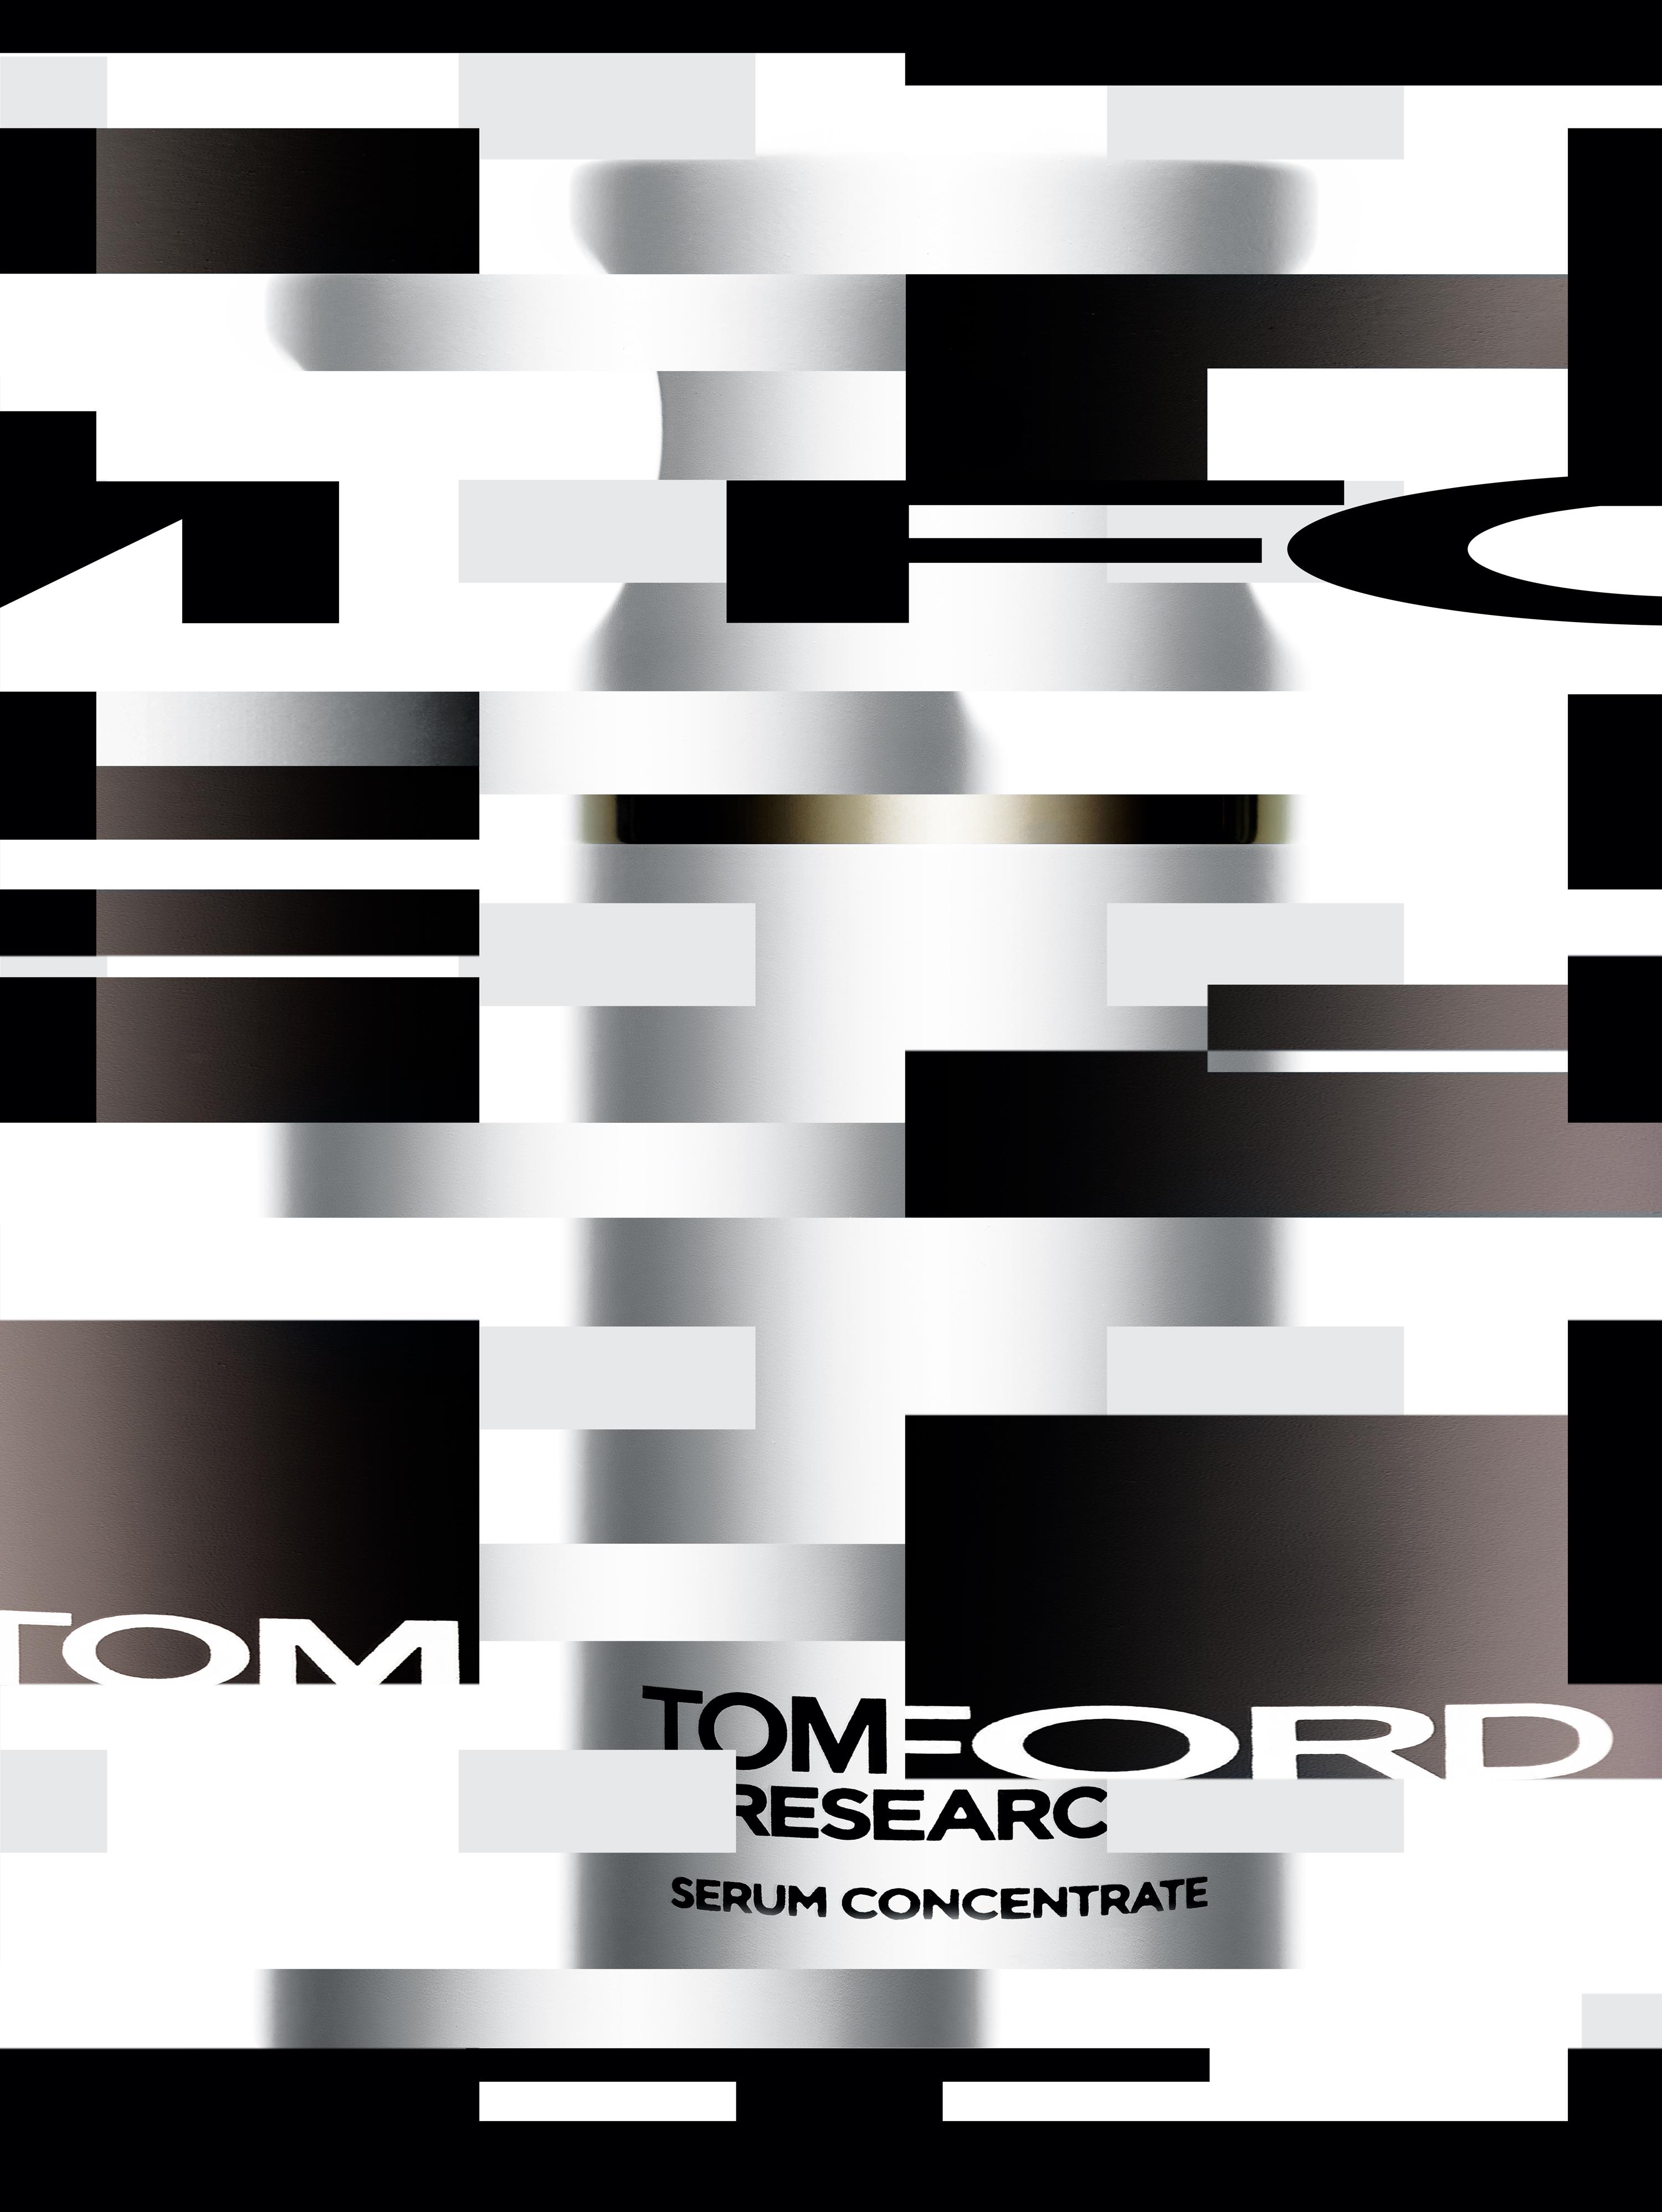 """""""Tom Ford Research, Sérum Concentré"""", TOM FORD BEAUTY."""